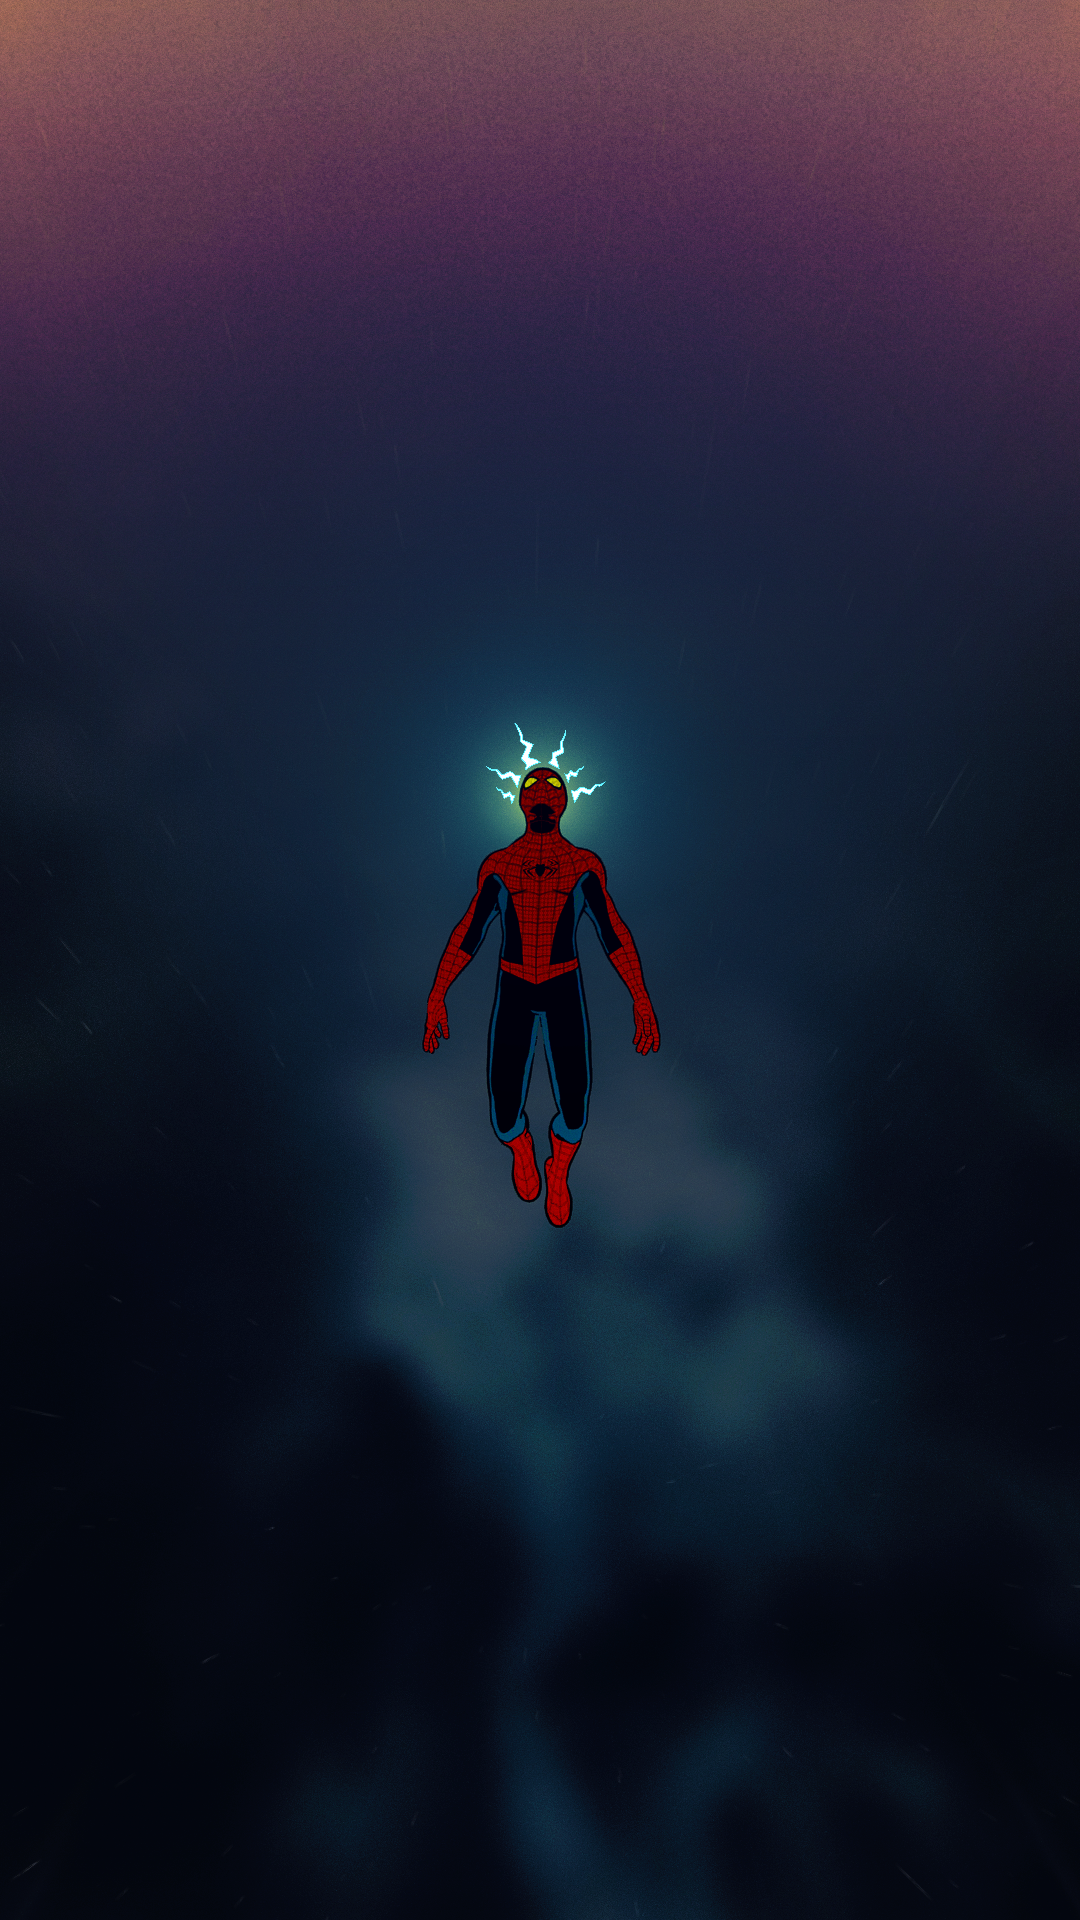 Spiderman Phone Wallpapers - Top Free Spiderman Phone ...